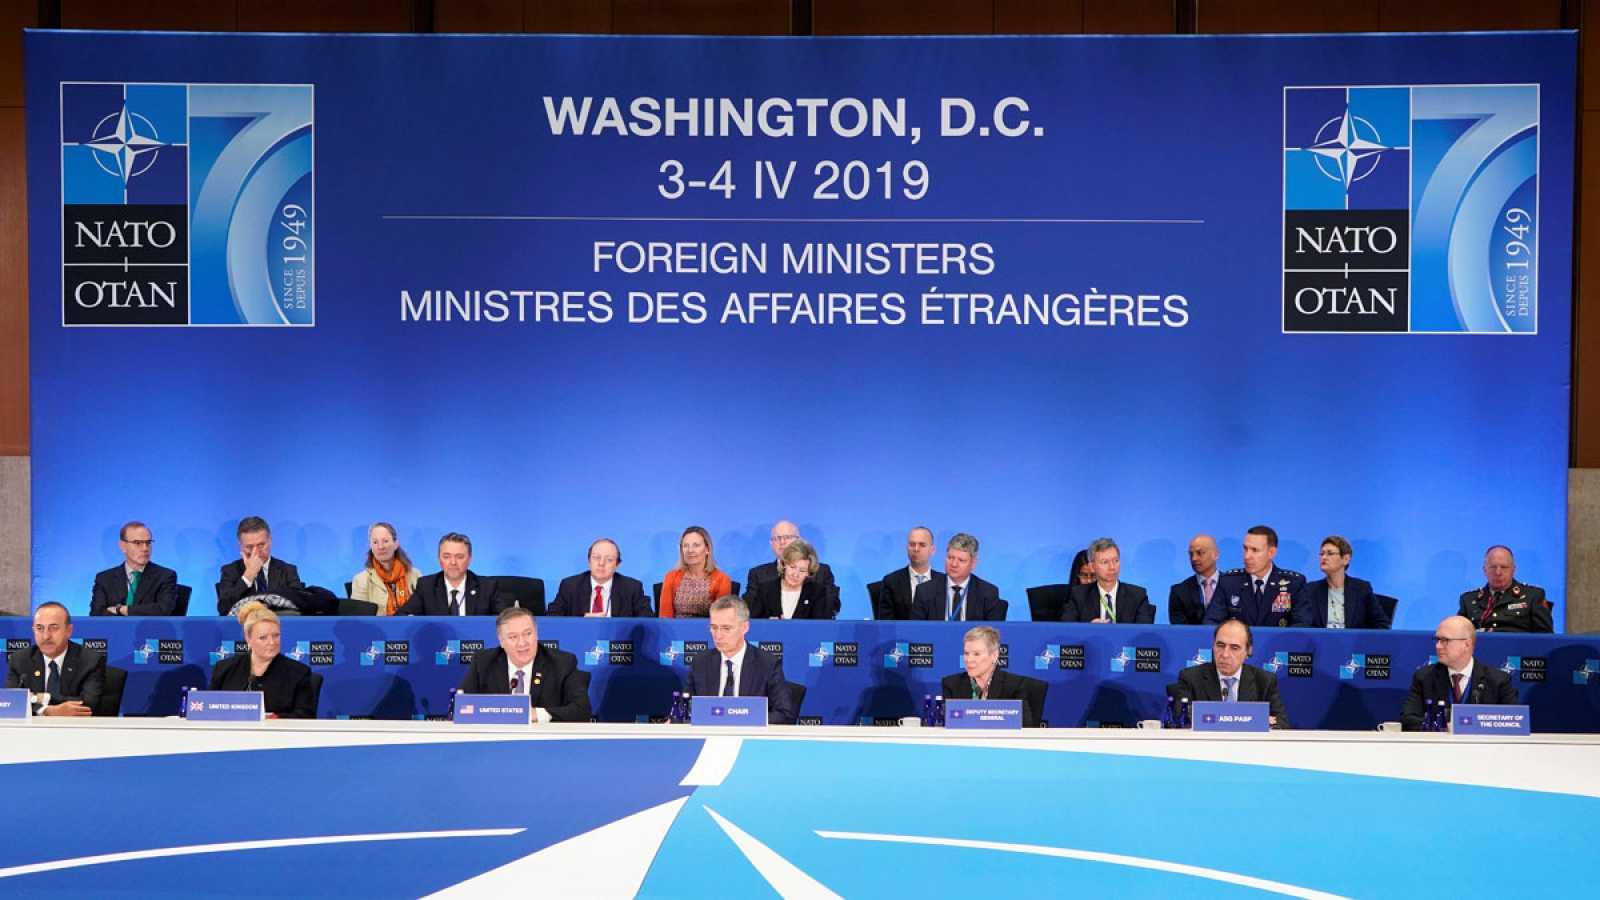 Los desafíos de la OTAN en su 70º aniversario